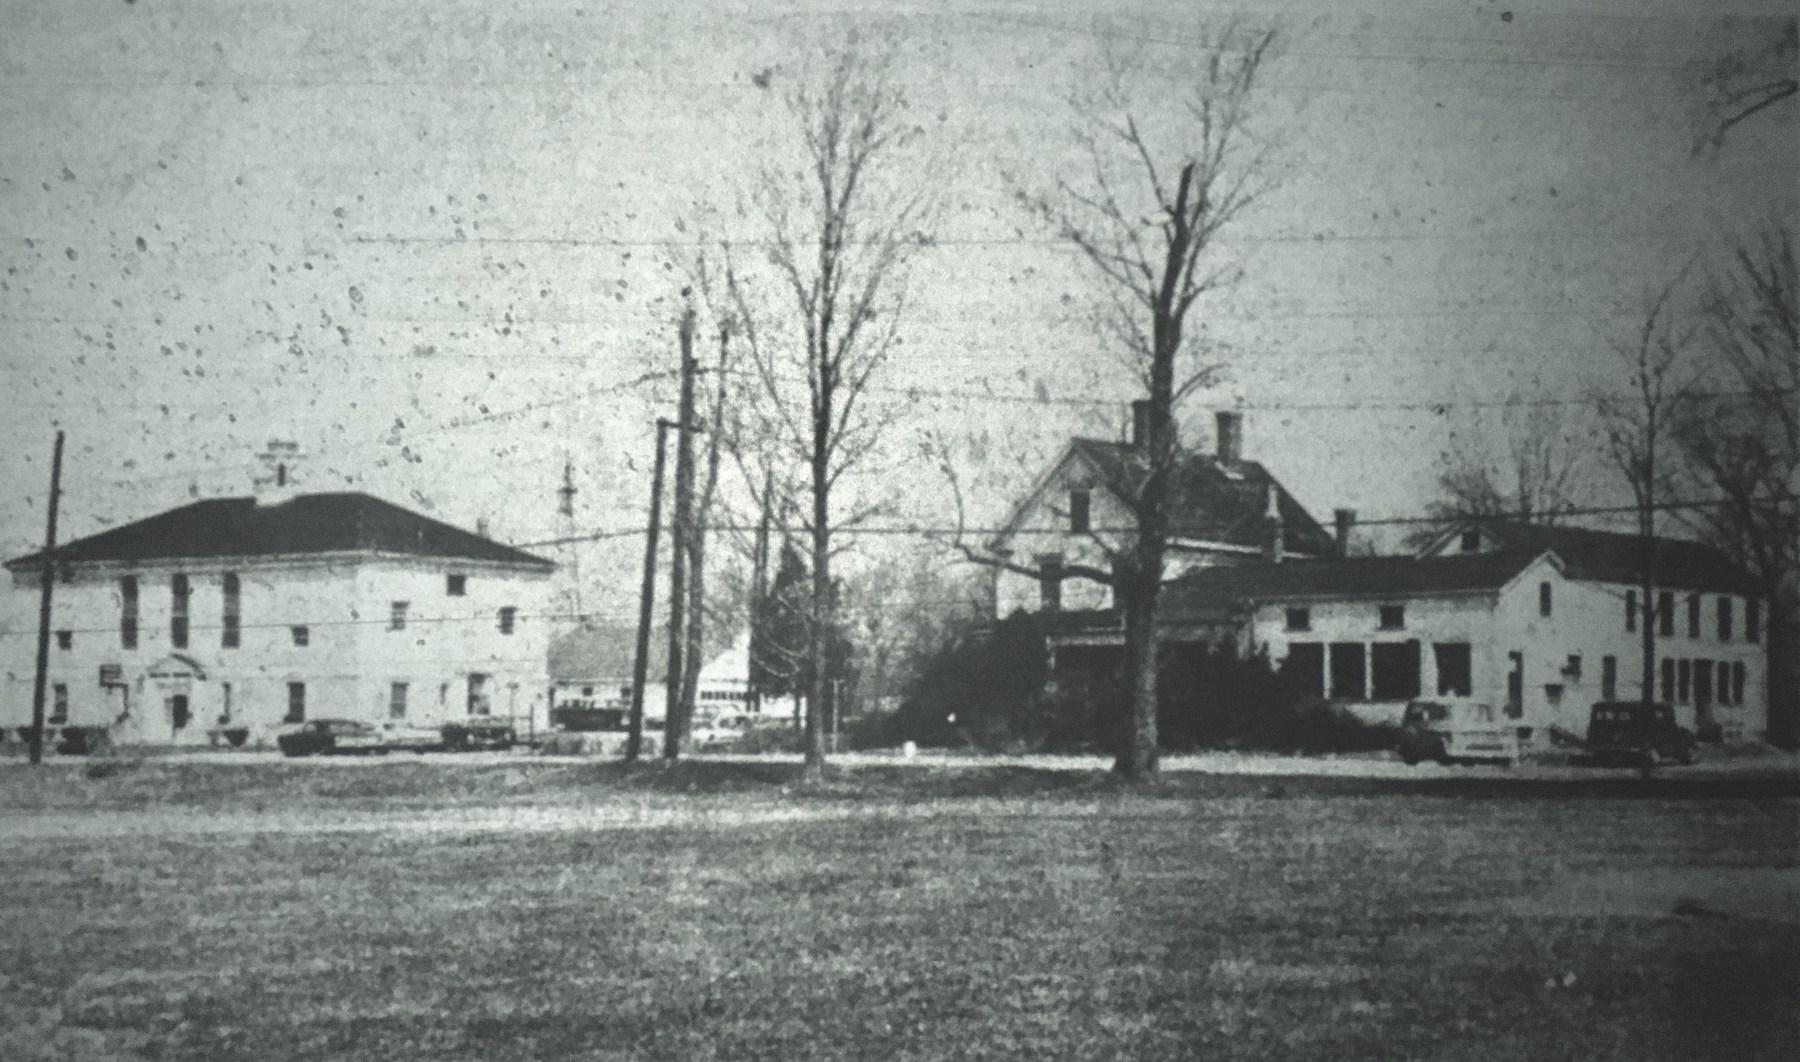 Burlington common buildings